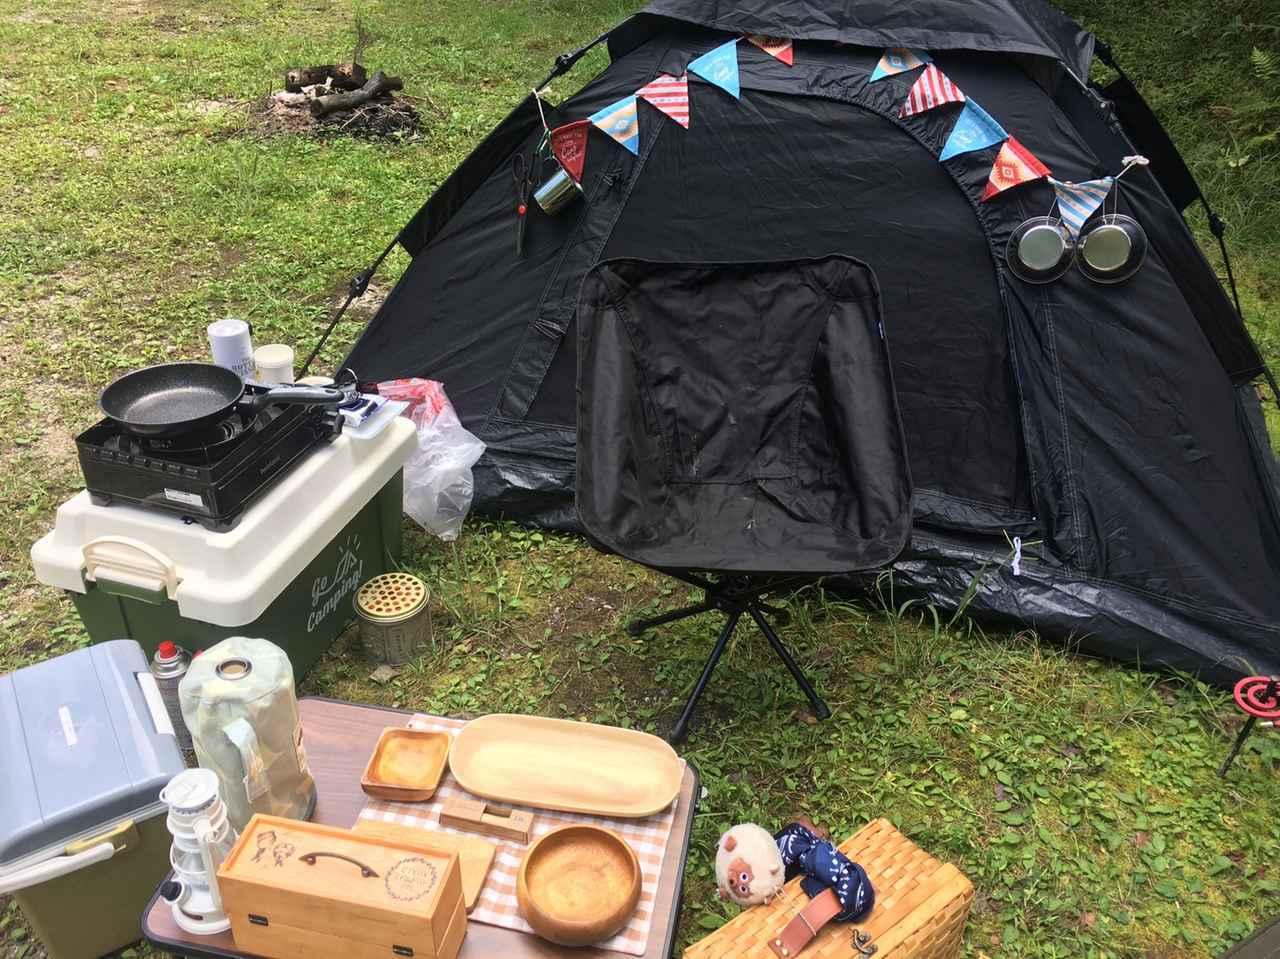 画像: DODのワンタッチテントを徹底レビュー! 女子ソロキャンプで実際に使って評価しました! - ハピキャン|キャンプ・アウトドア情報メディア